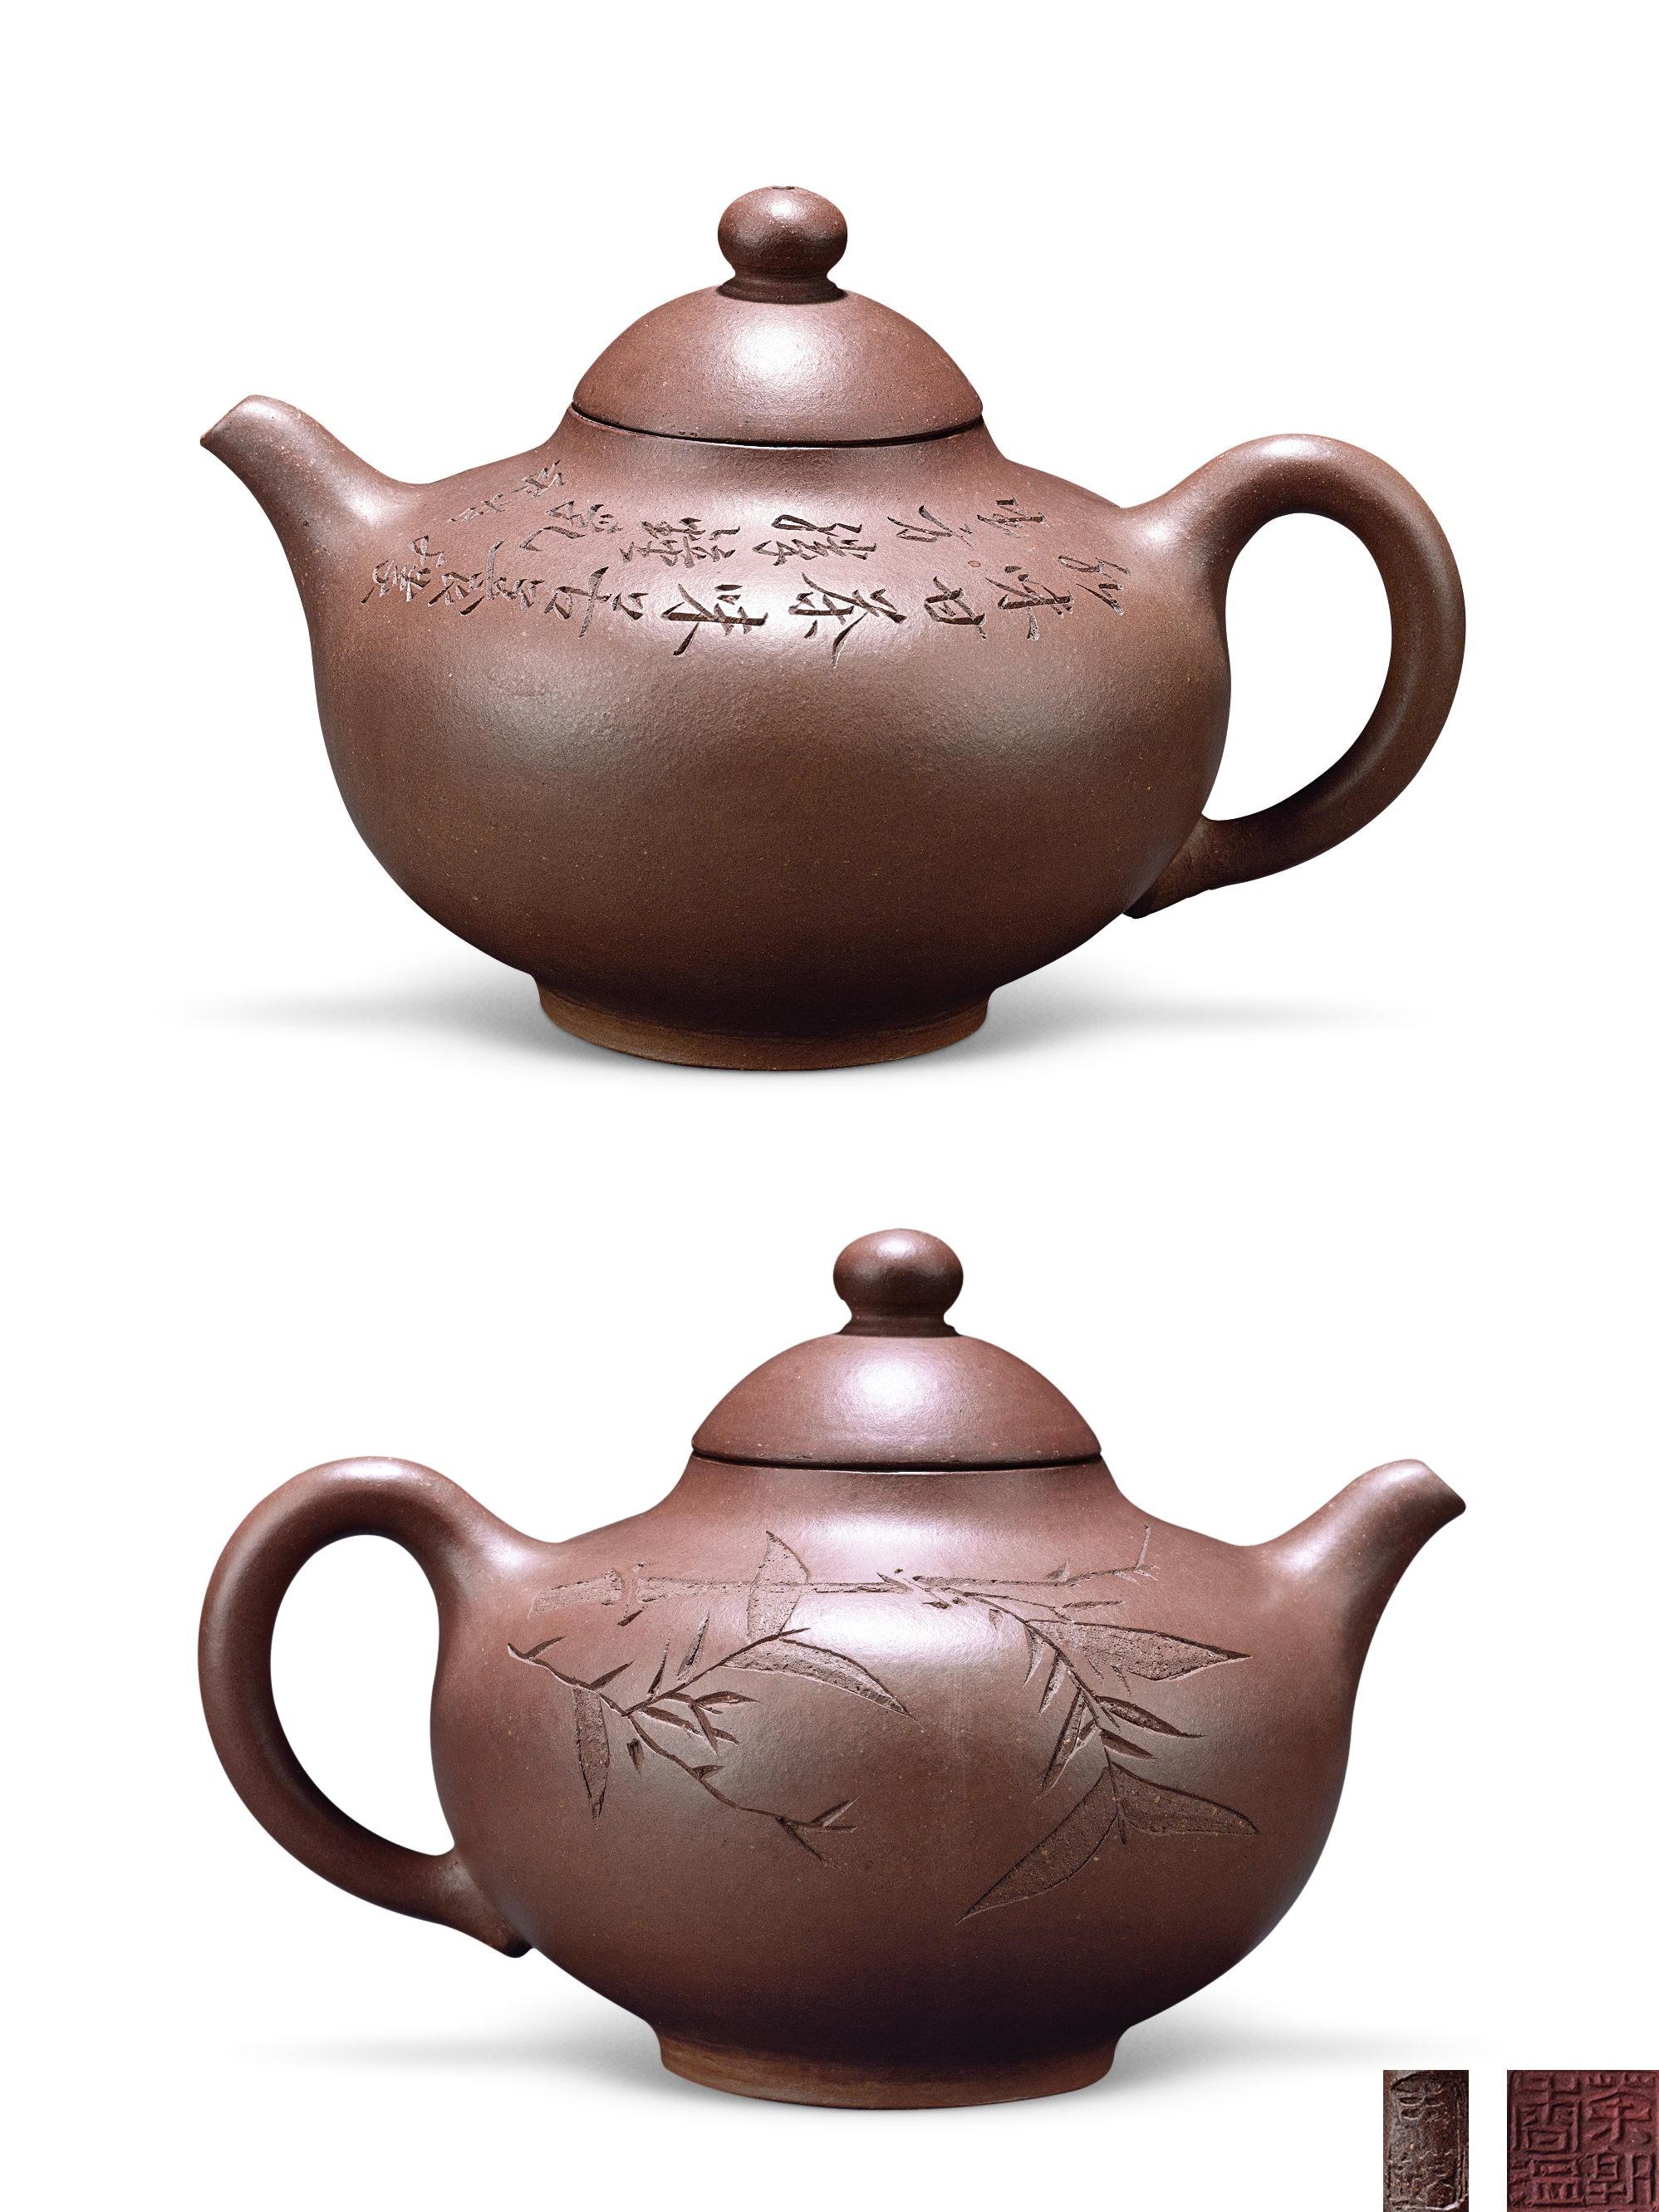 清紫砂掇壶